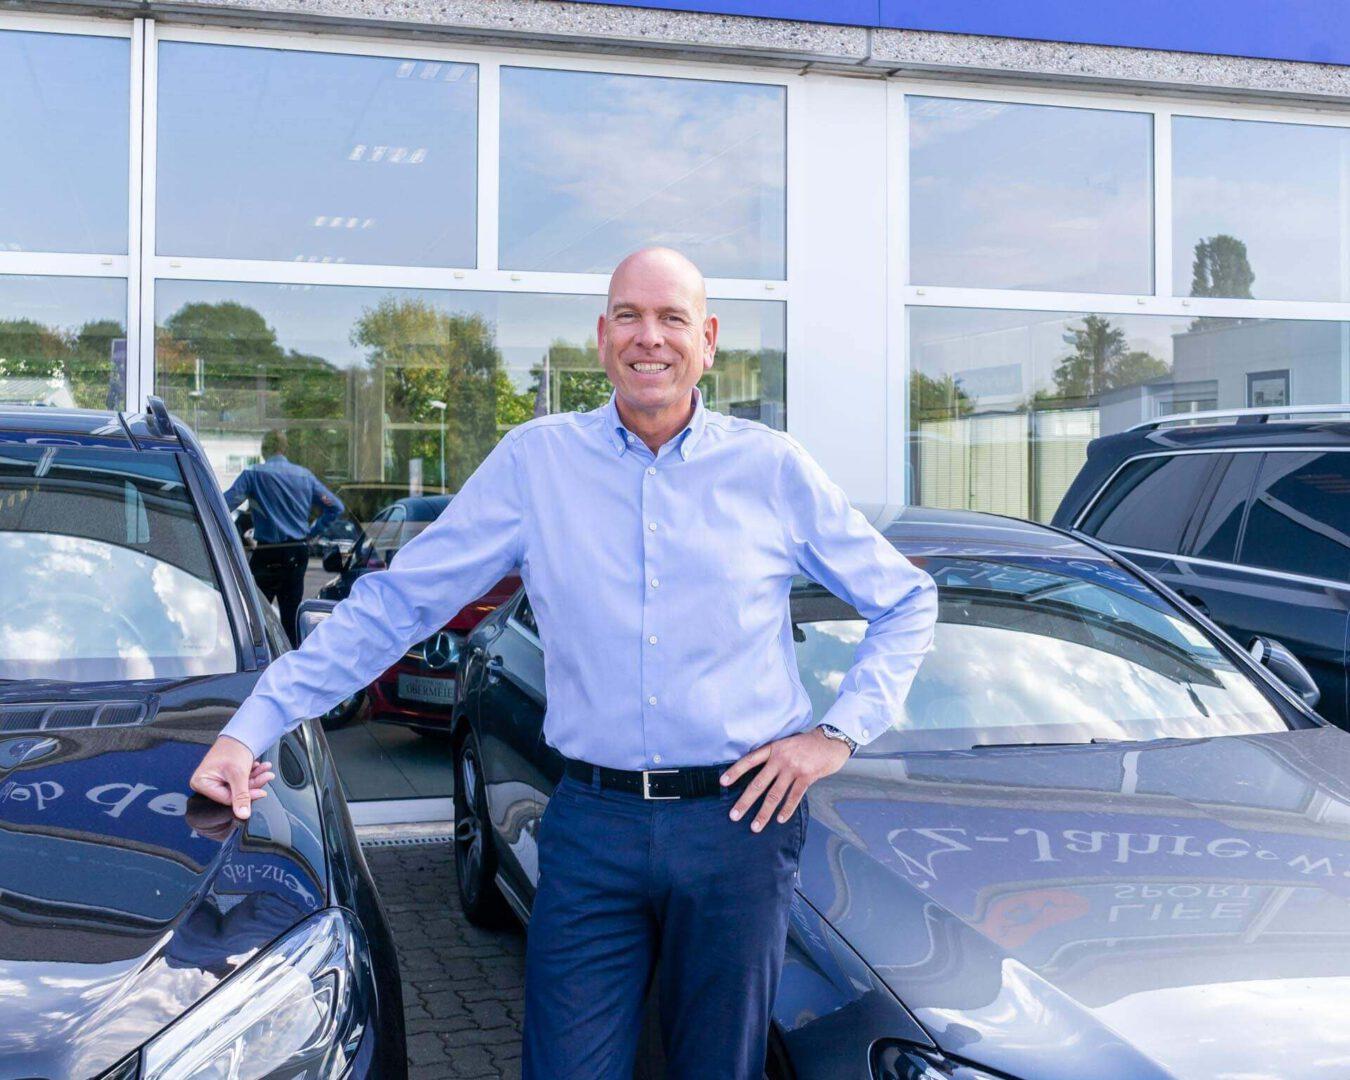 Geschäftsführer Helmut Obermeier vor Fahrzeugen